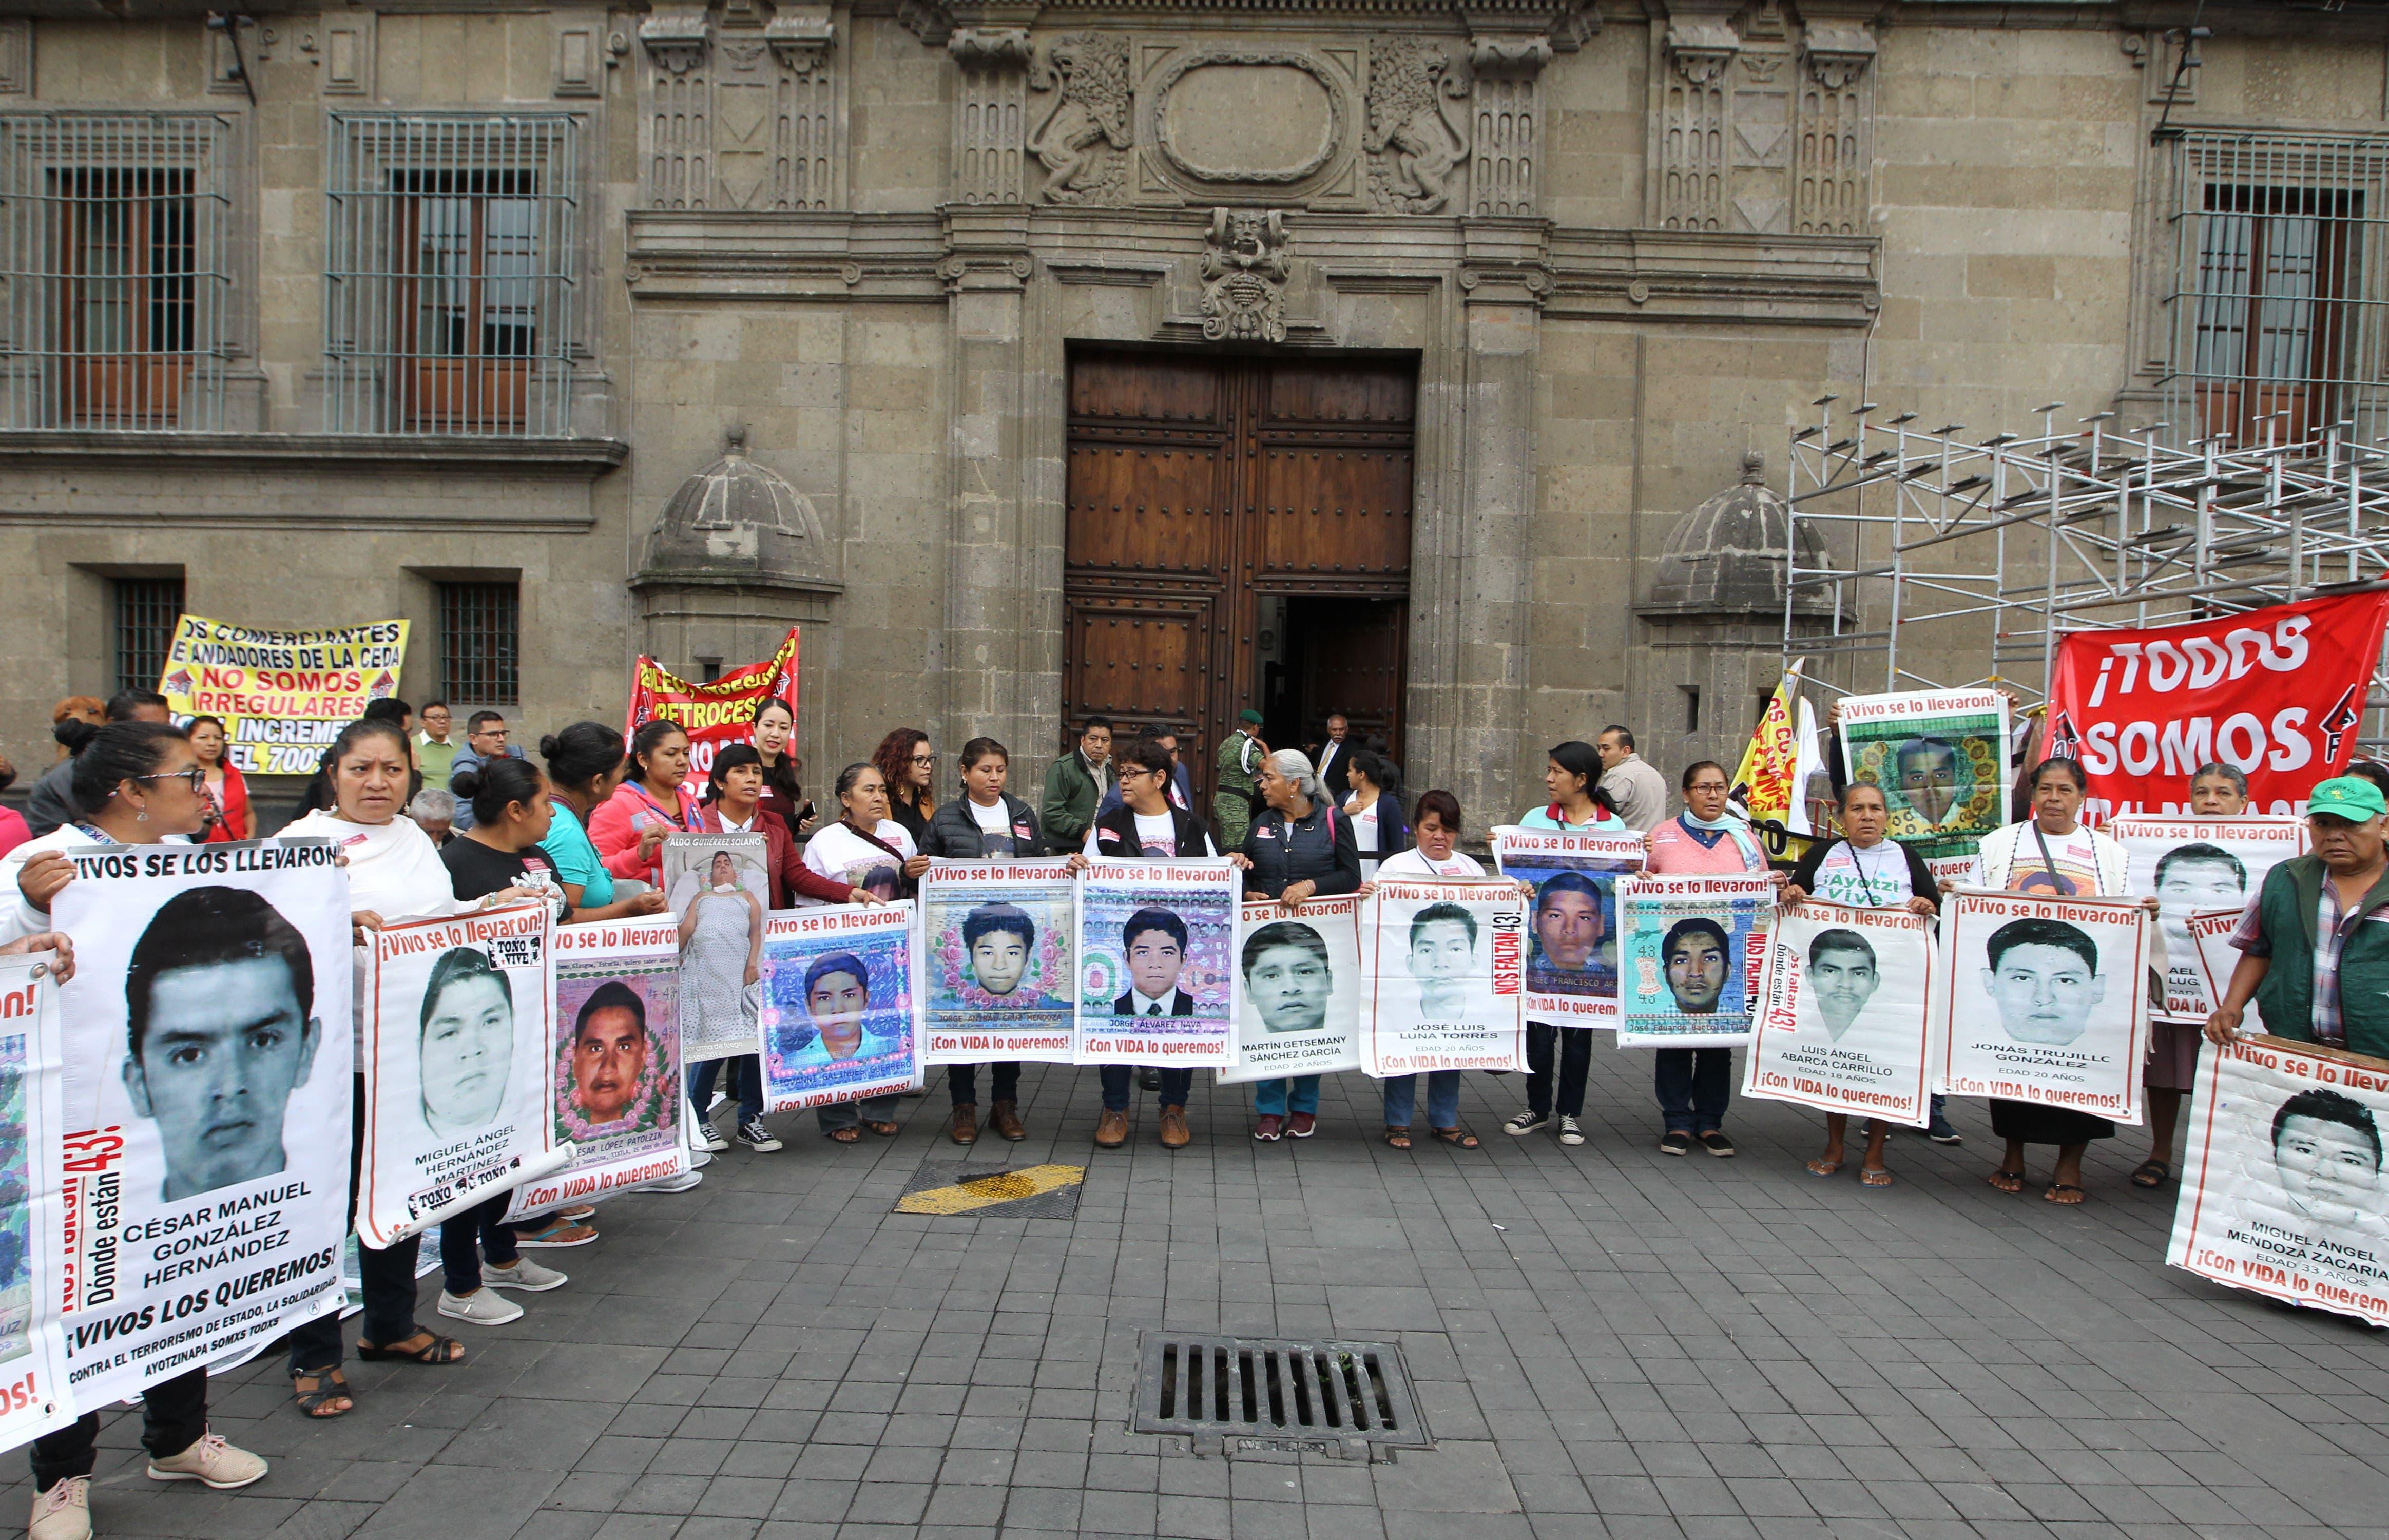 Normalistas de Ayotzinapa podrían permanecer en Guerrero: Encinas